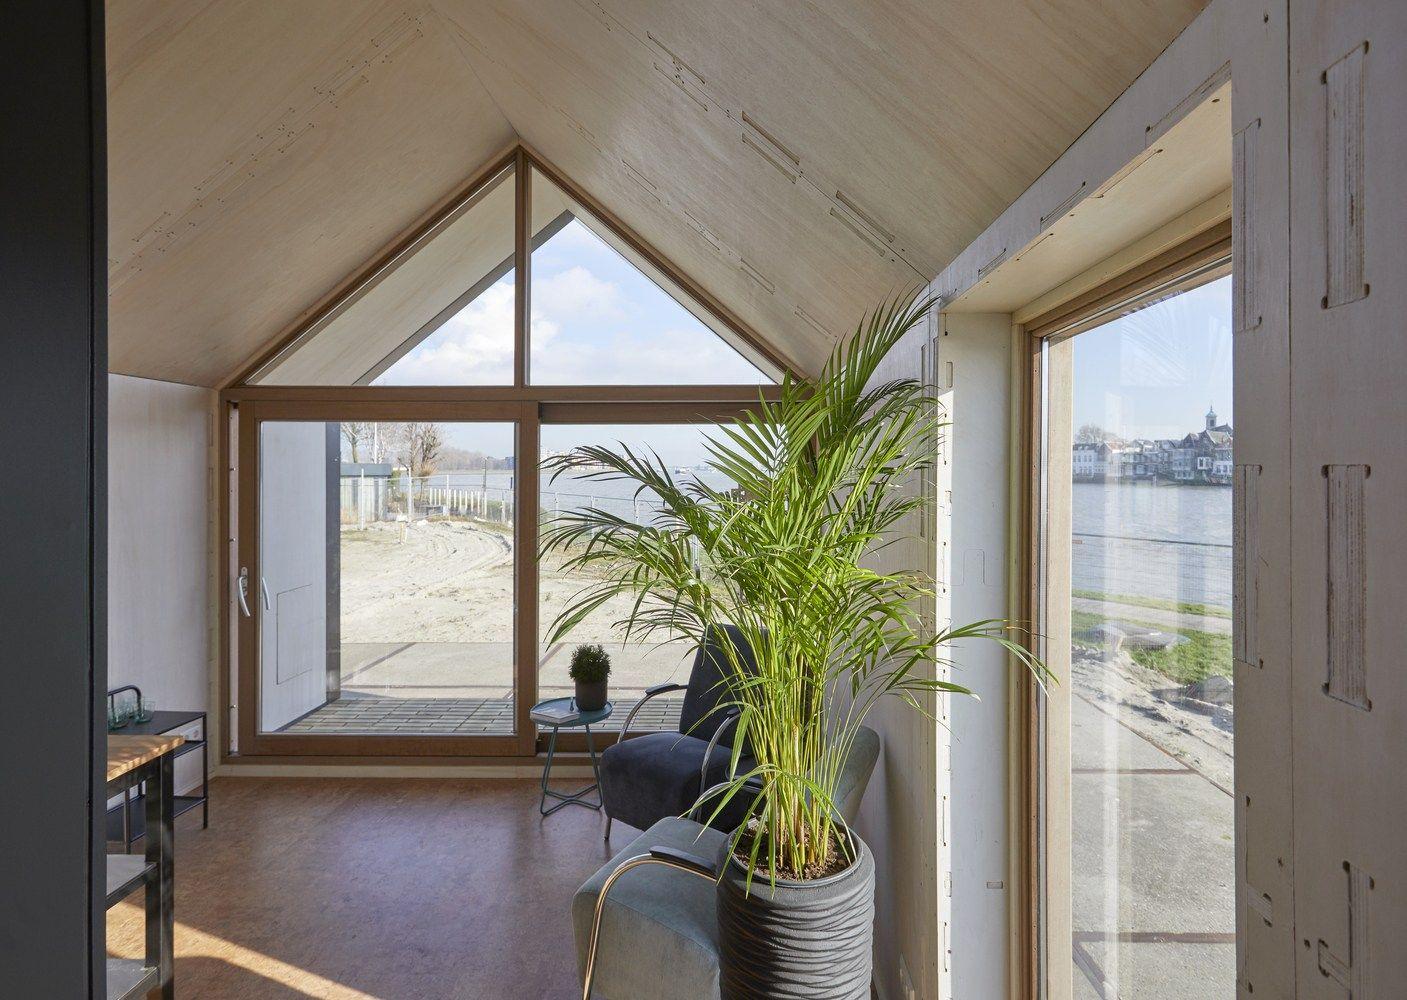 Cette mini maison modulaire de 40m2 durable et passive est proposée gratuitement en open source PLANETE DECO a homes world